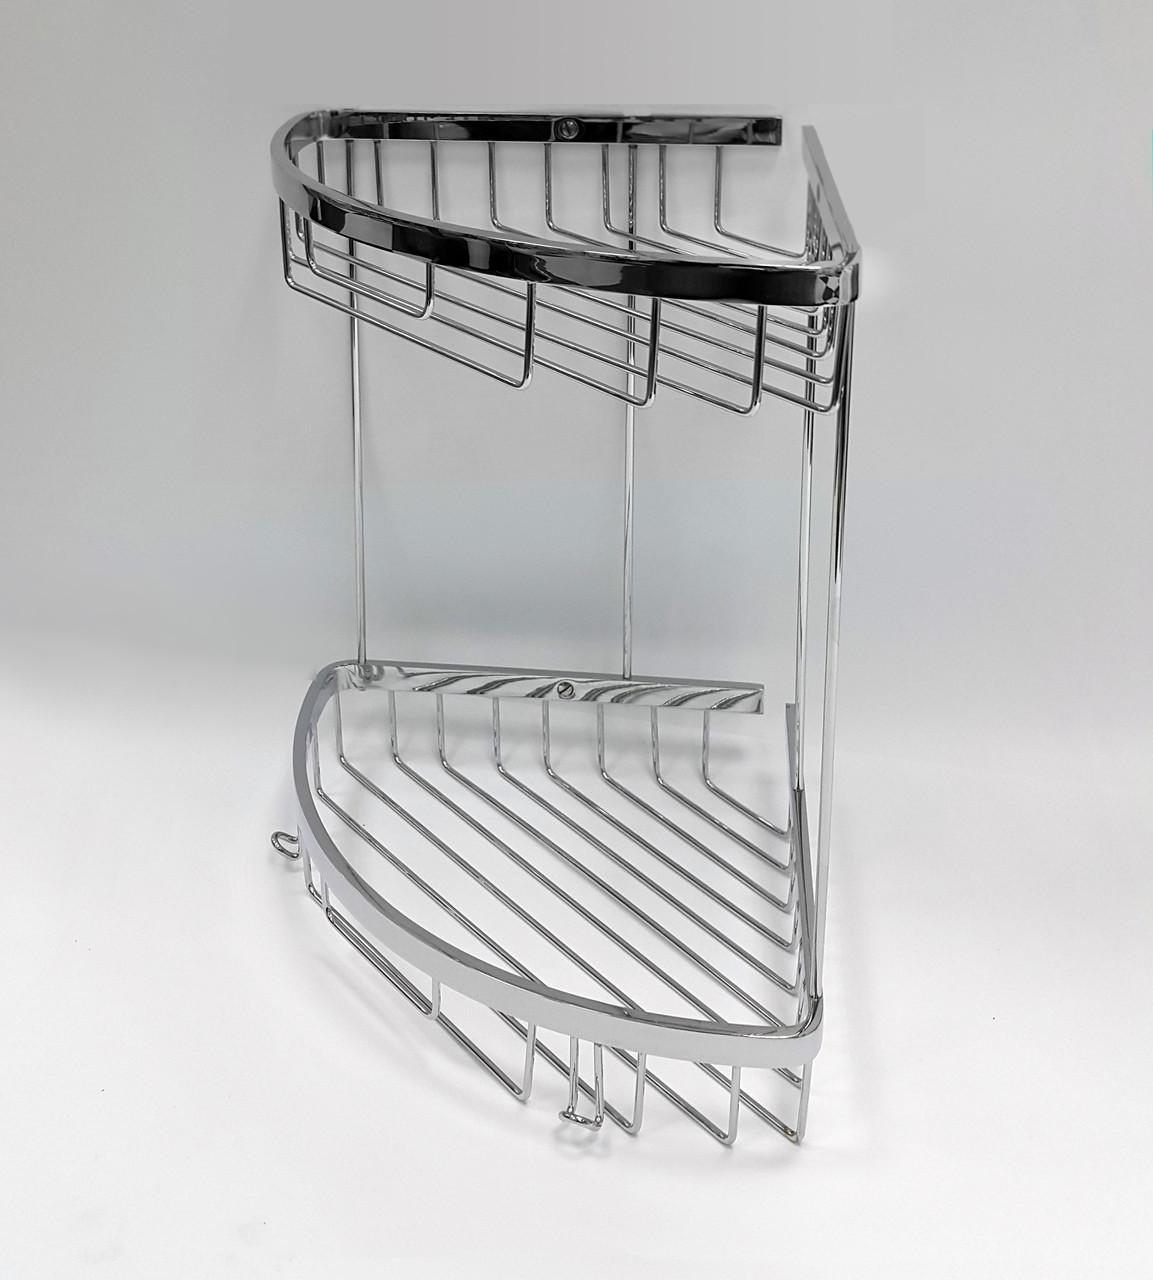 Полочка для ванной из латуни, серия Long, хром, 25112